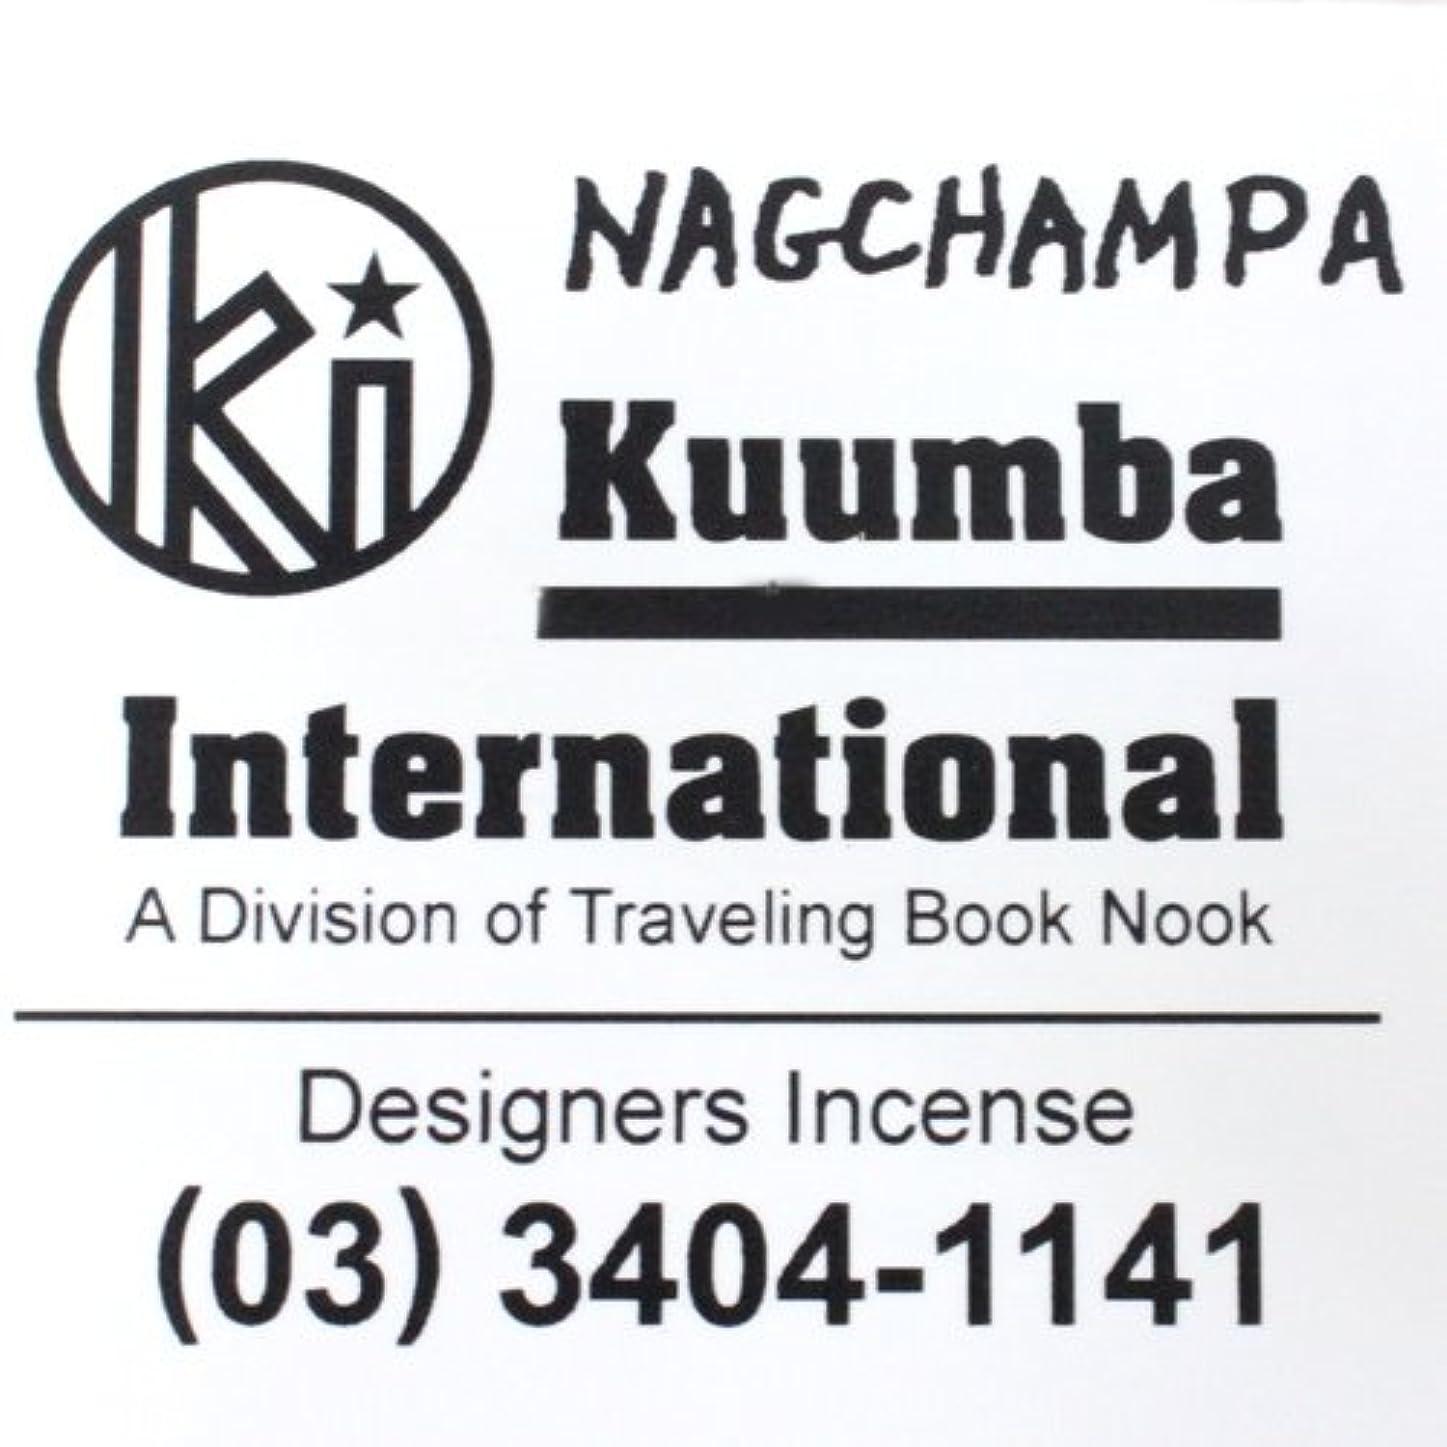 杖文明化する扇動するKUUMBA (クンバ)『incense』(NAGCHAMPA) (Regular size)